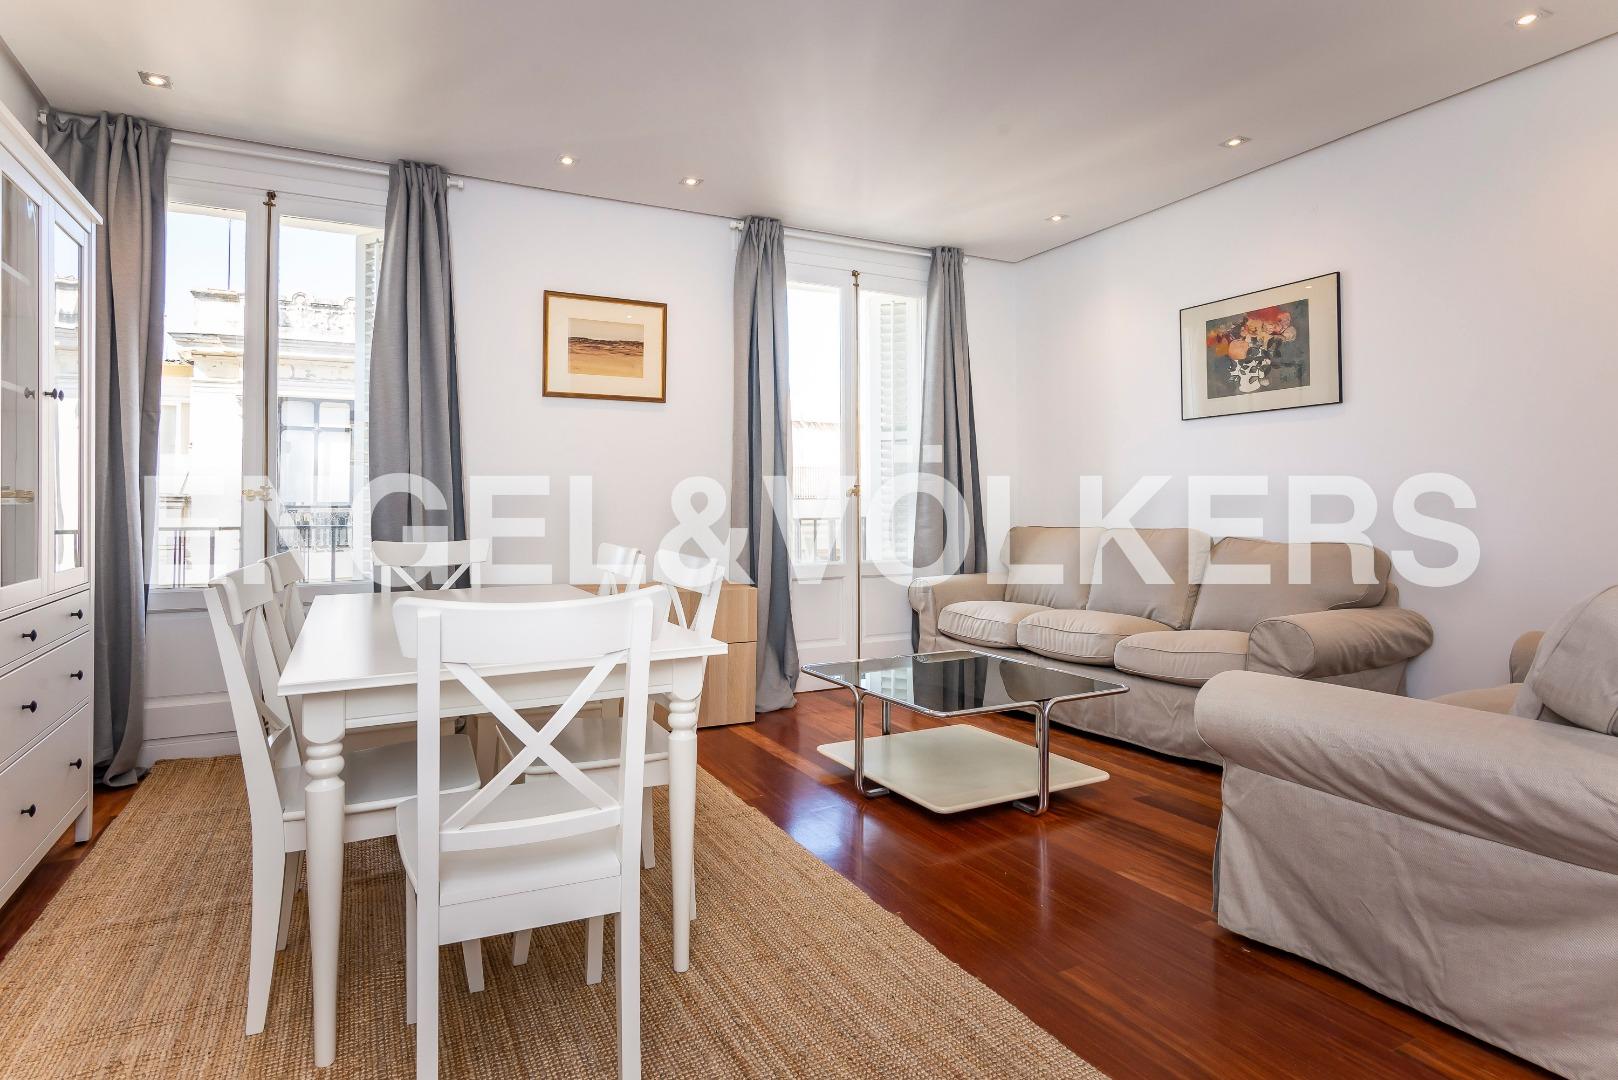 Alquiler Piso  Salamanca - recoletos. Alquiler de bonito piso amueblado en serrano